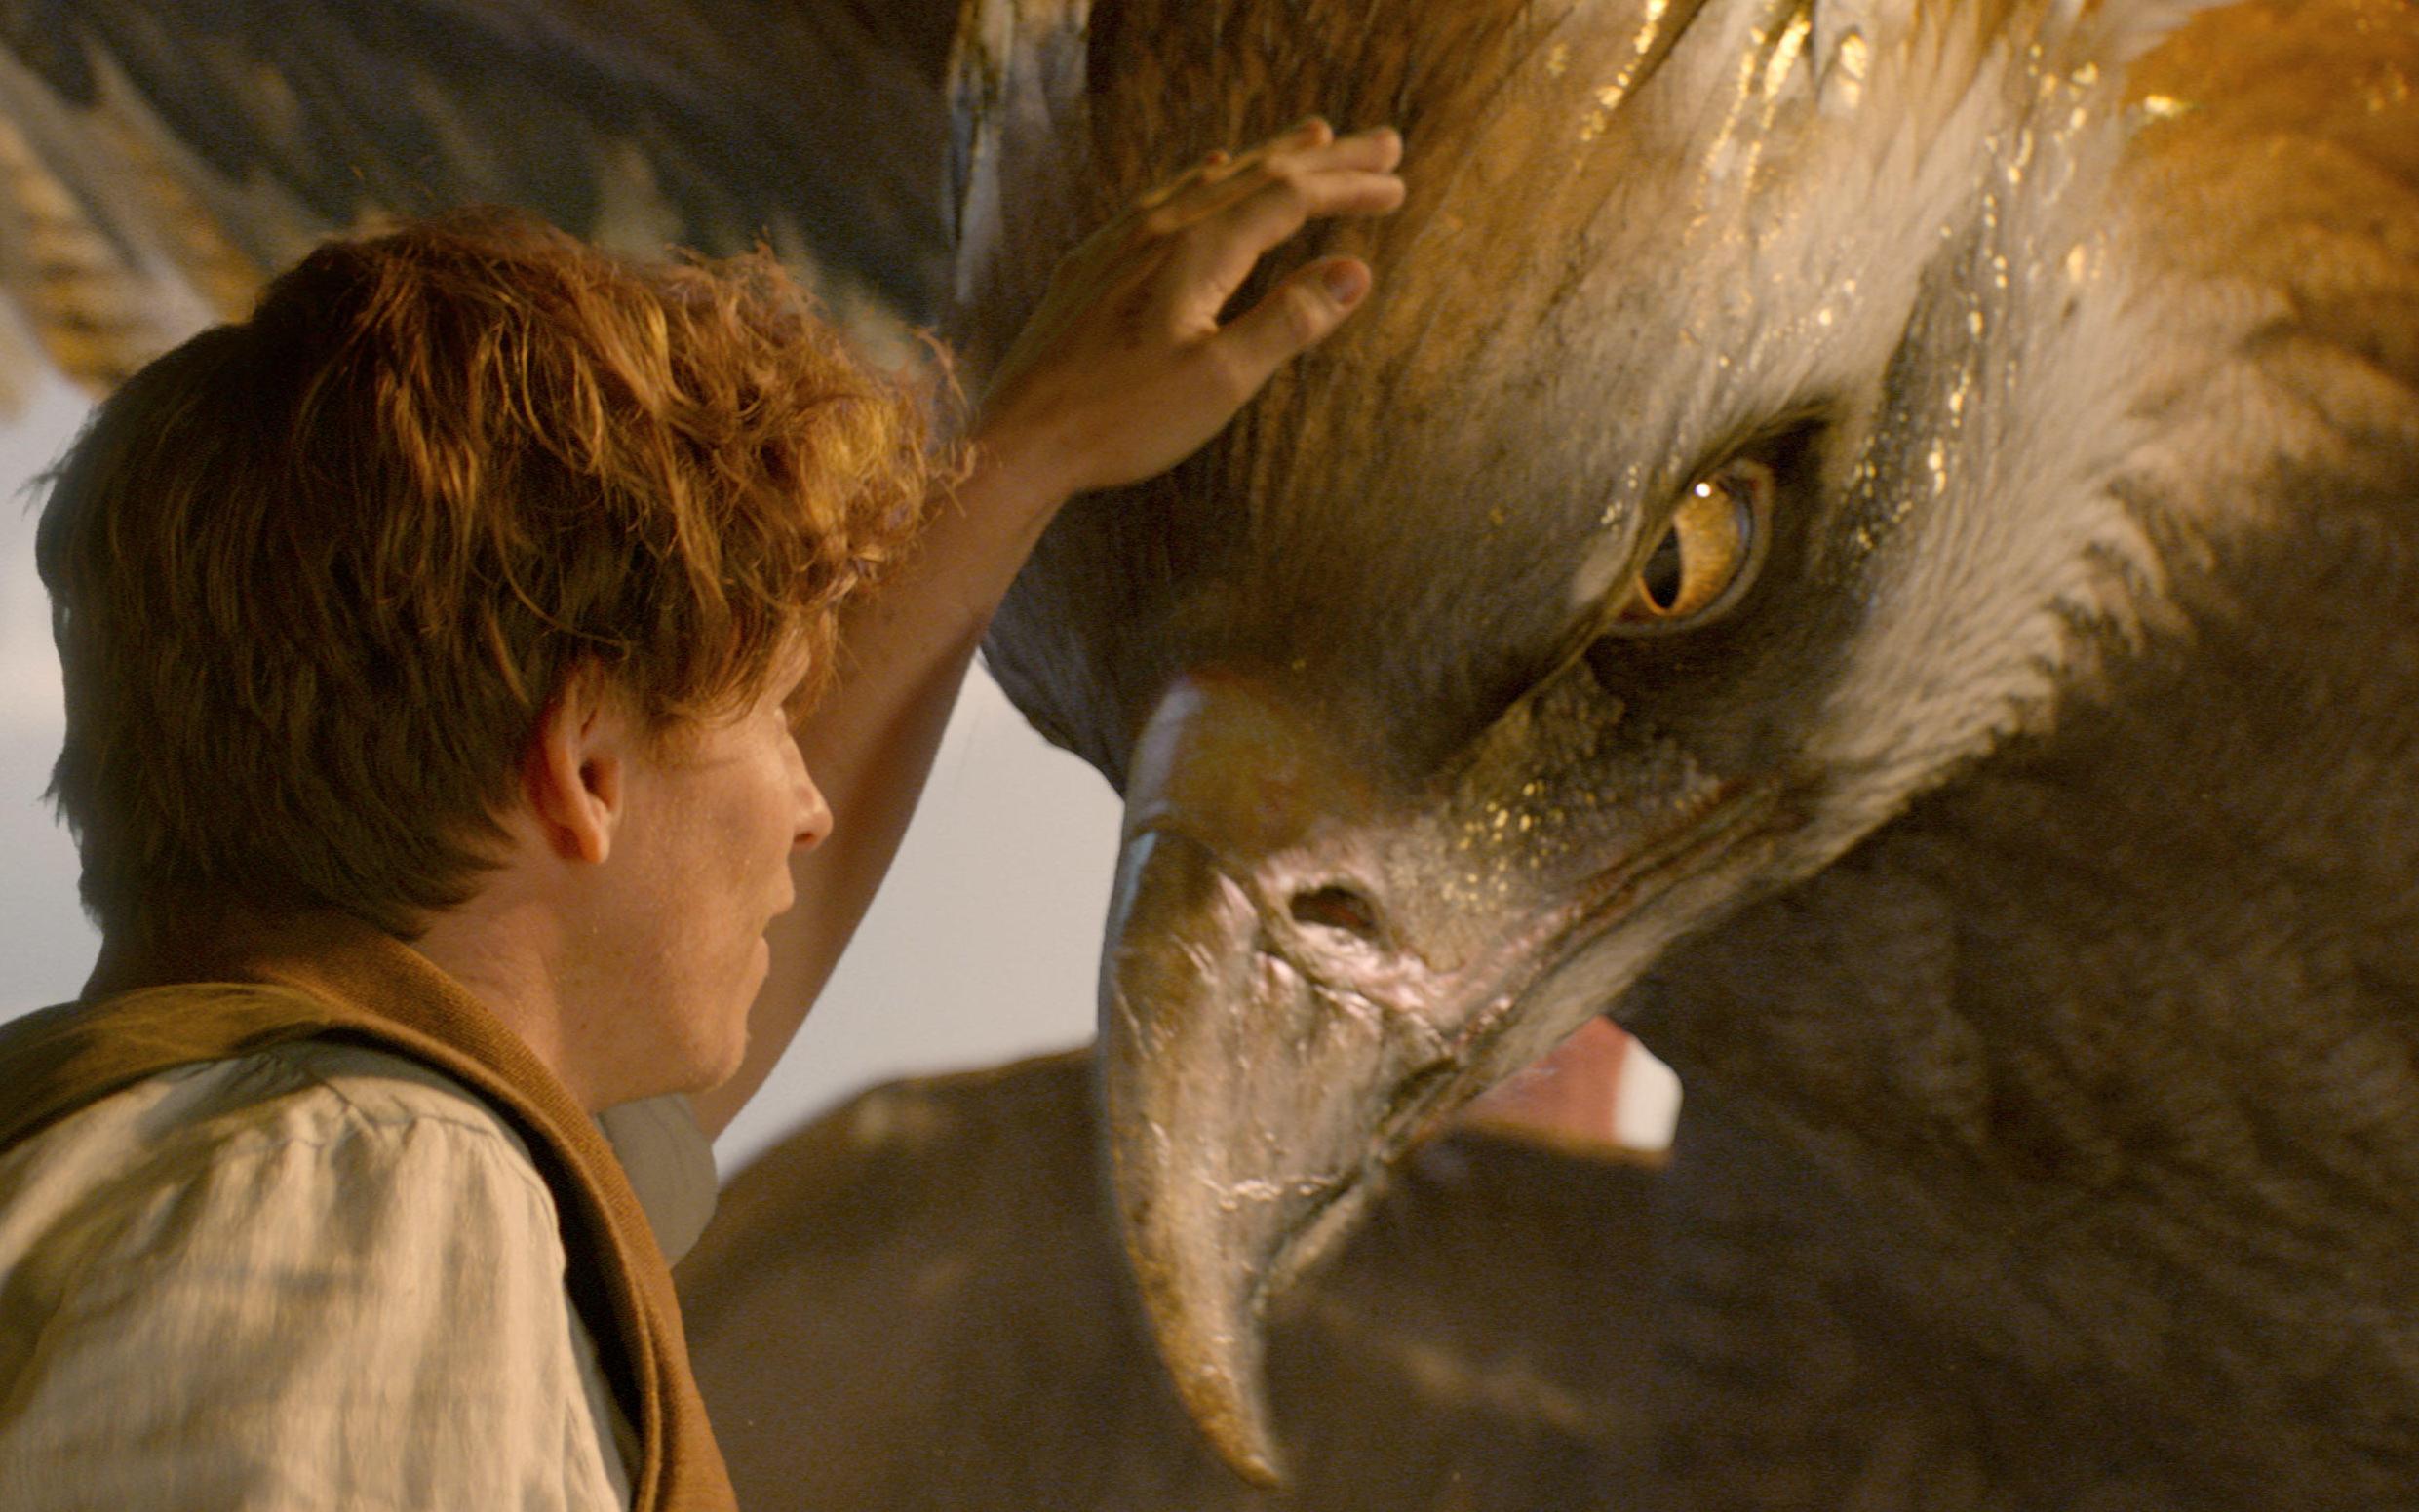 《神奇动物在哪里》主演埃迪雷德梅恩祝贺中国内地票房